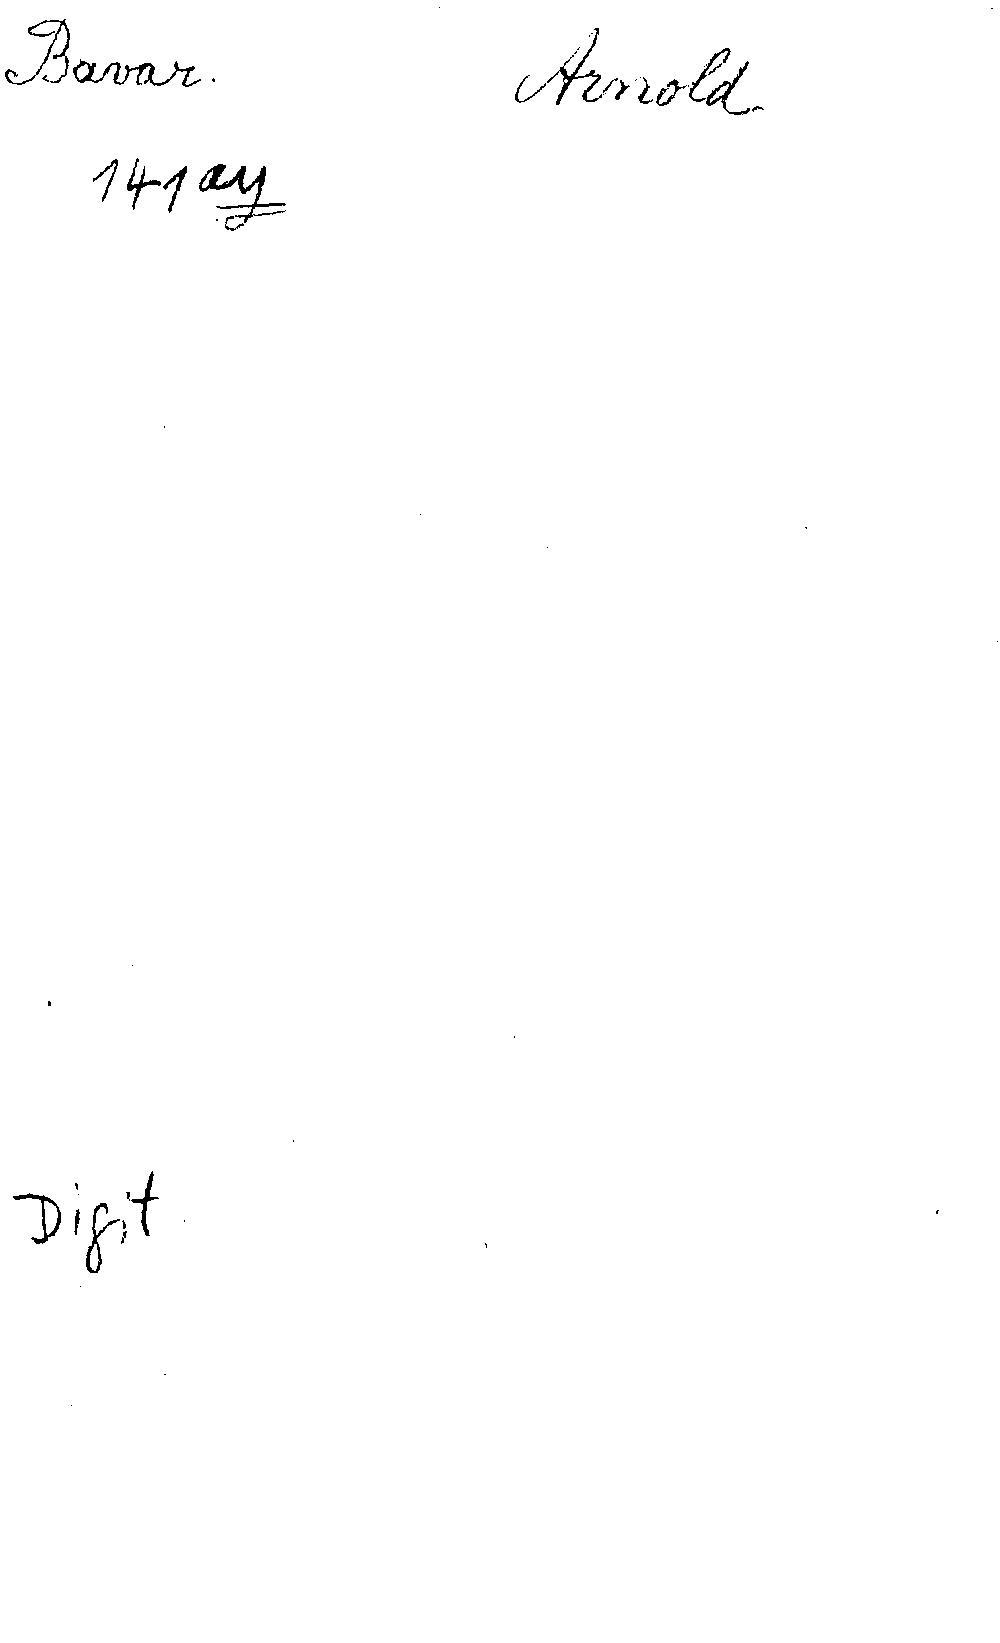 bsb00011288_00001.jpg